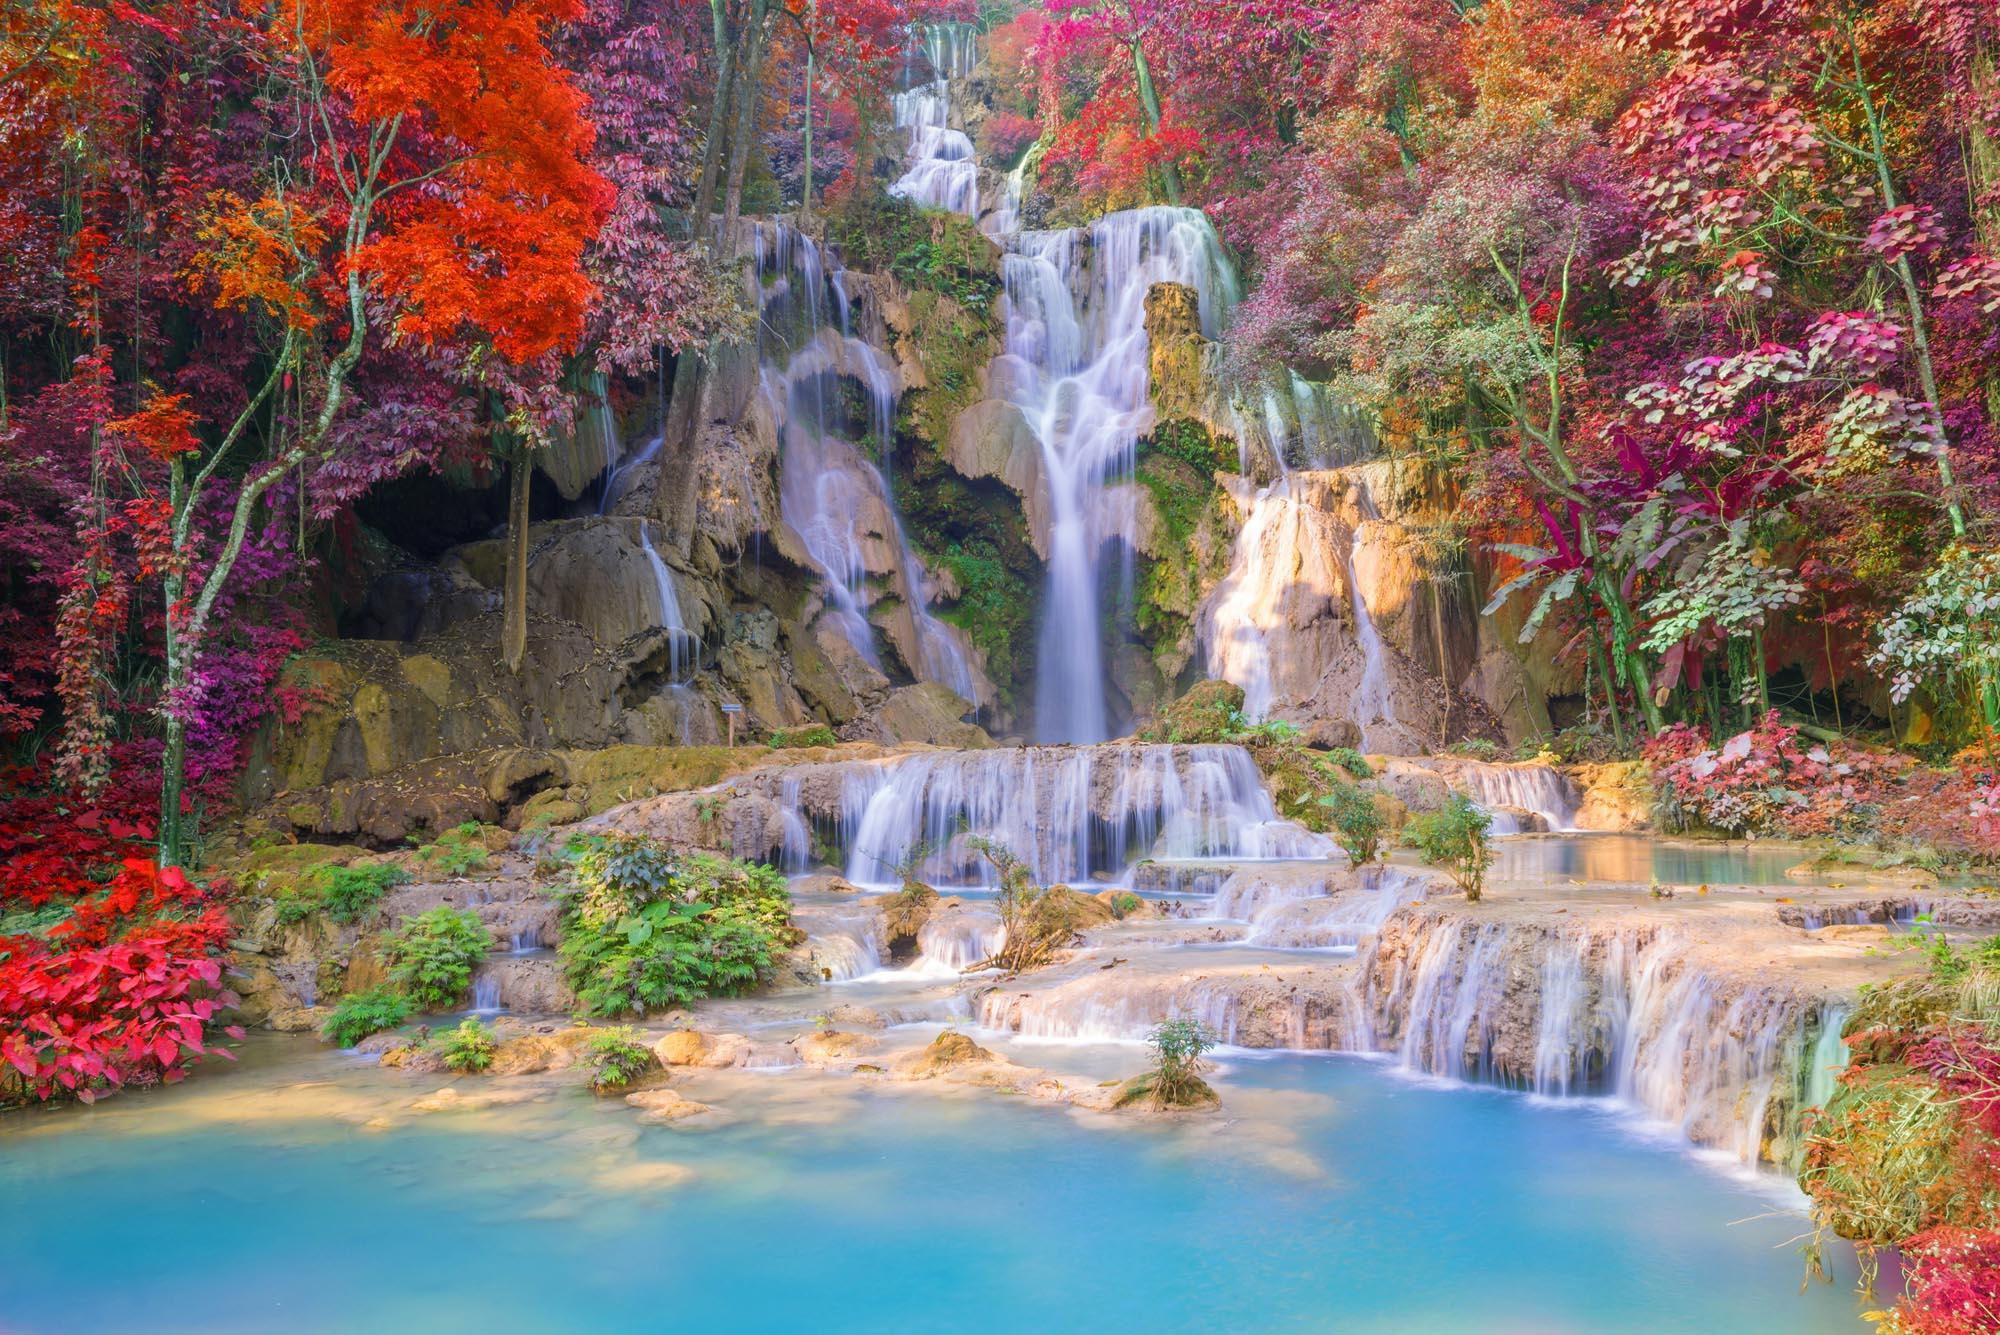 Hình ảnh thác nước lung linh đẹp nhất